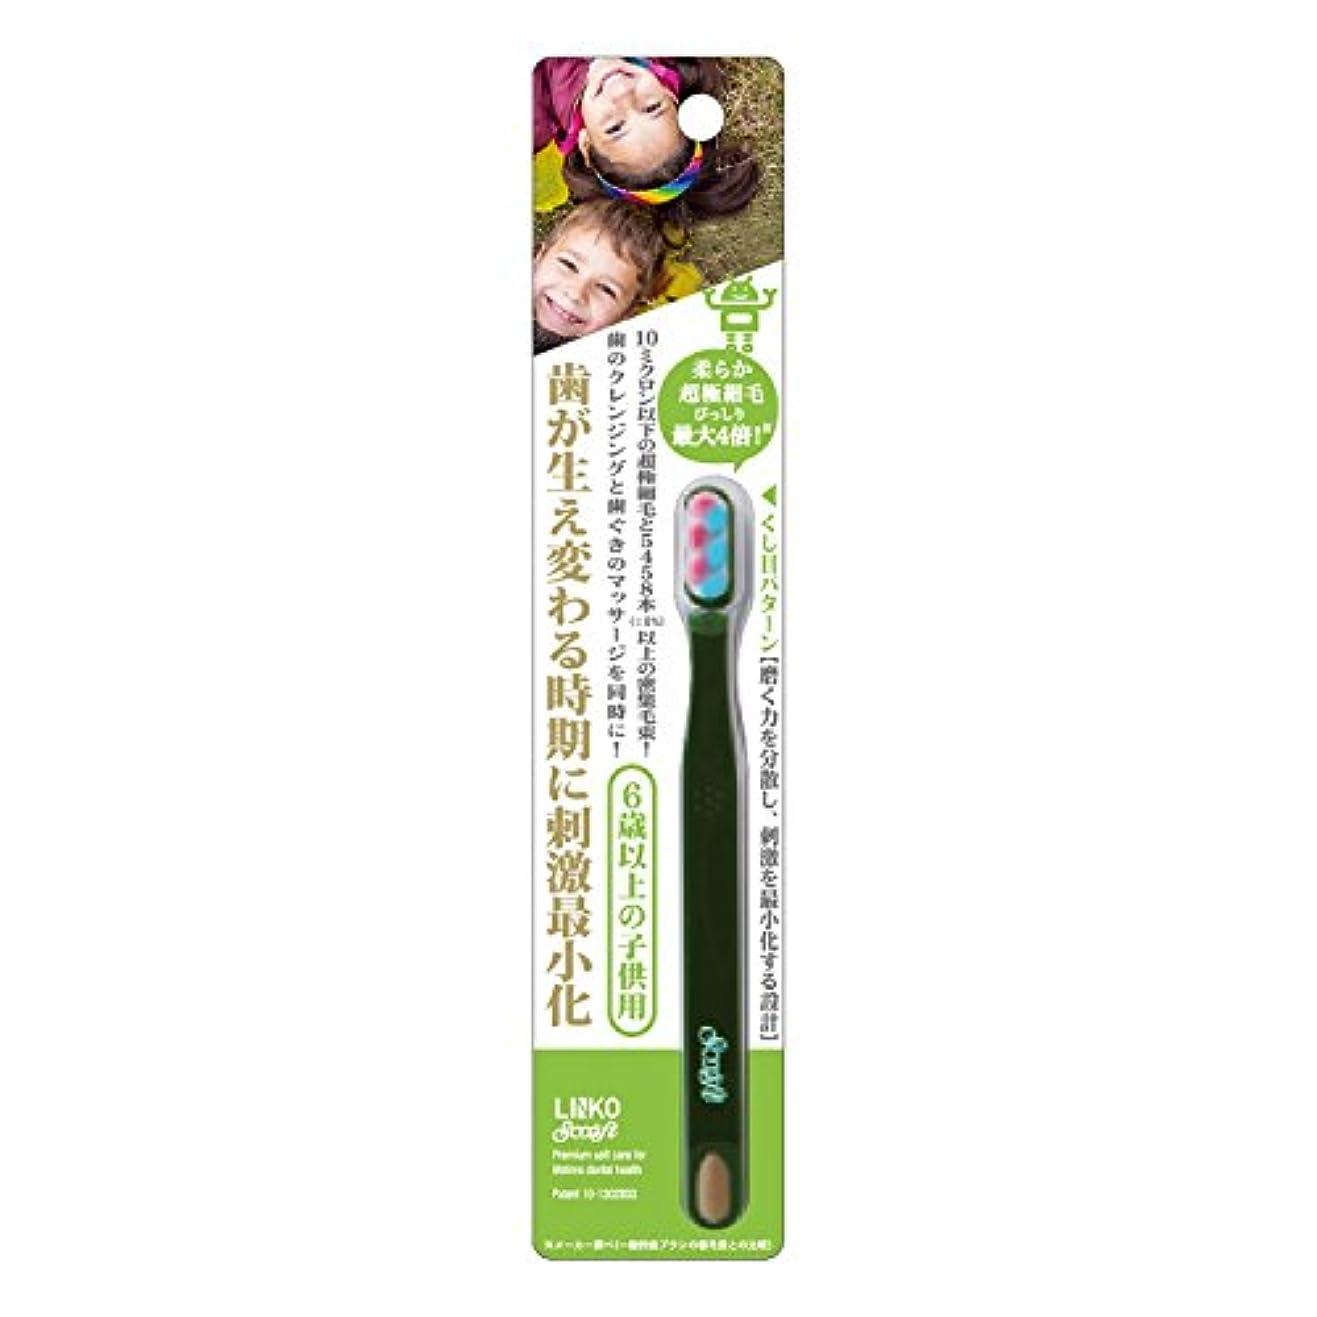 スキップ化粧値する【ルクス×リエンコ】 超極細毛ソフト歯ブラシ 6歳以上の子供用 (※色お任せ)